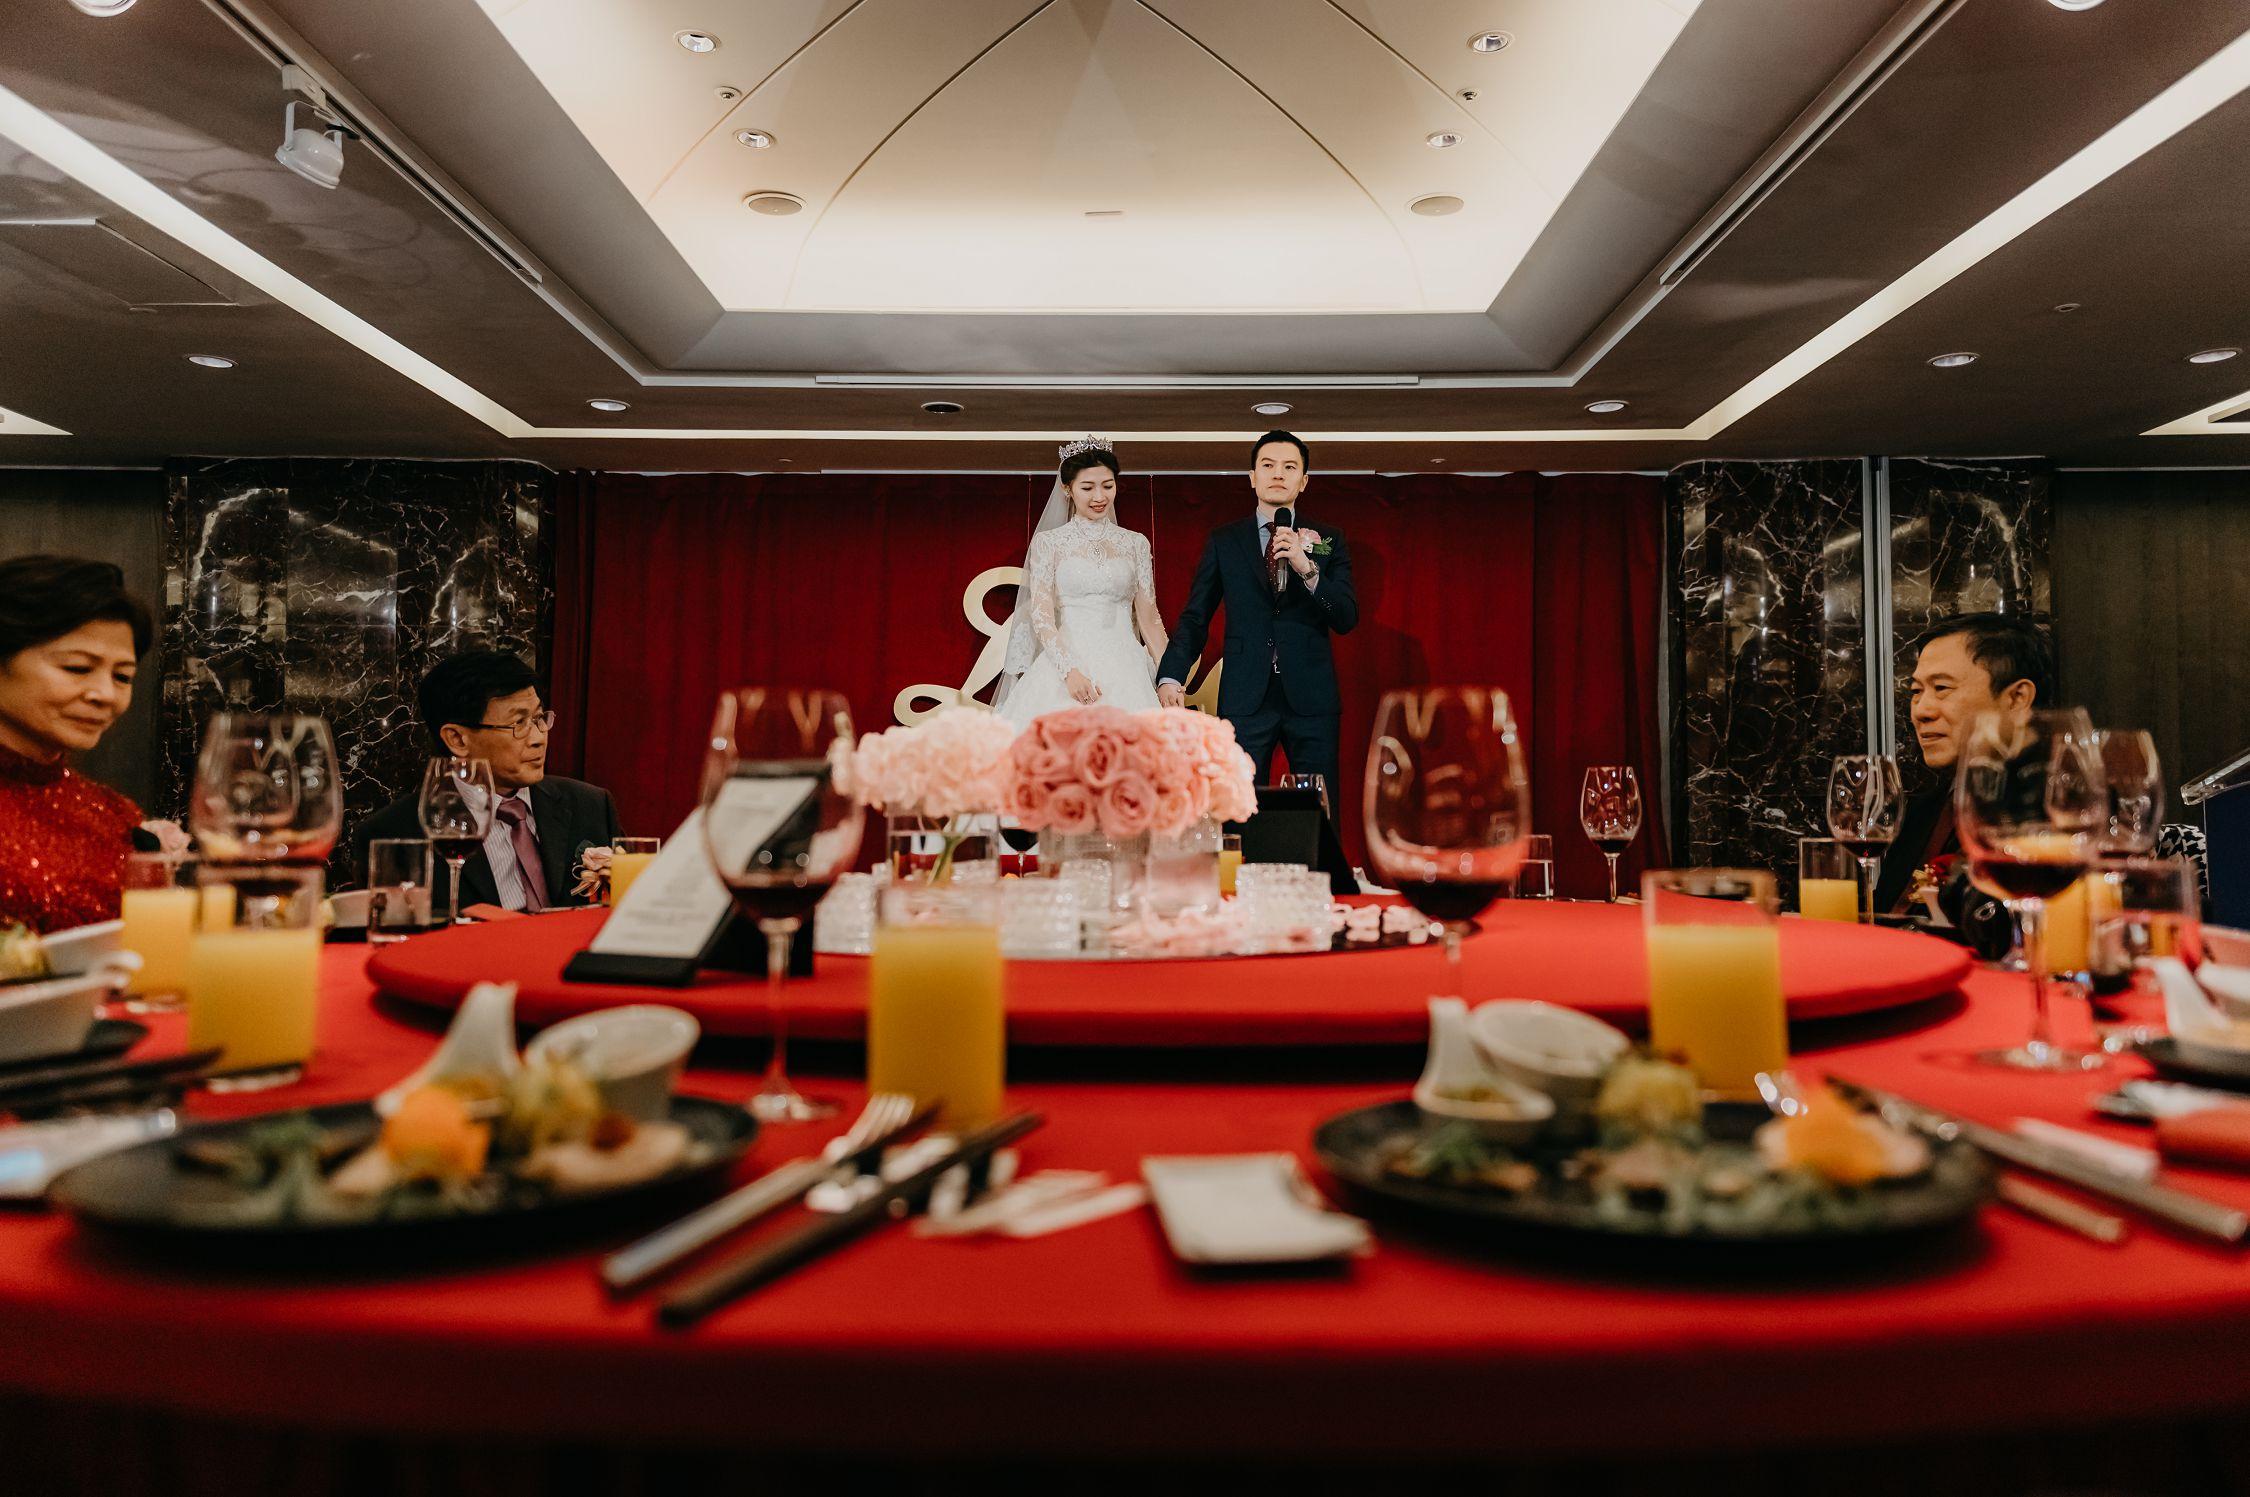 婚禮,婚禮記錄,婚攝,台北攝影師,新娘物語推薦,ptt推薦,雙機攝影,自宅儀式,奉茶,闖關,拜別父母,台北喜來登,類婚紗,白日夢工廠,婚錄,動態錄影,一進,婚禮小物,交換戒指,